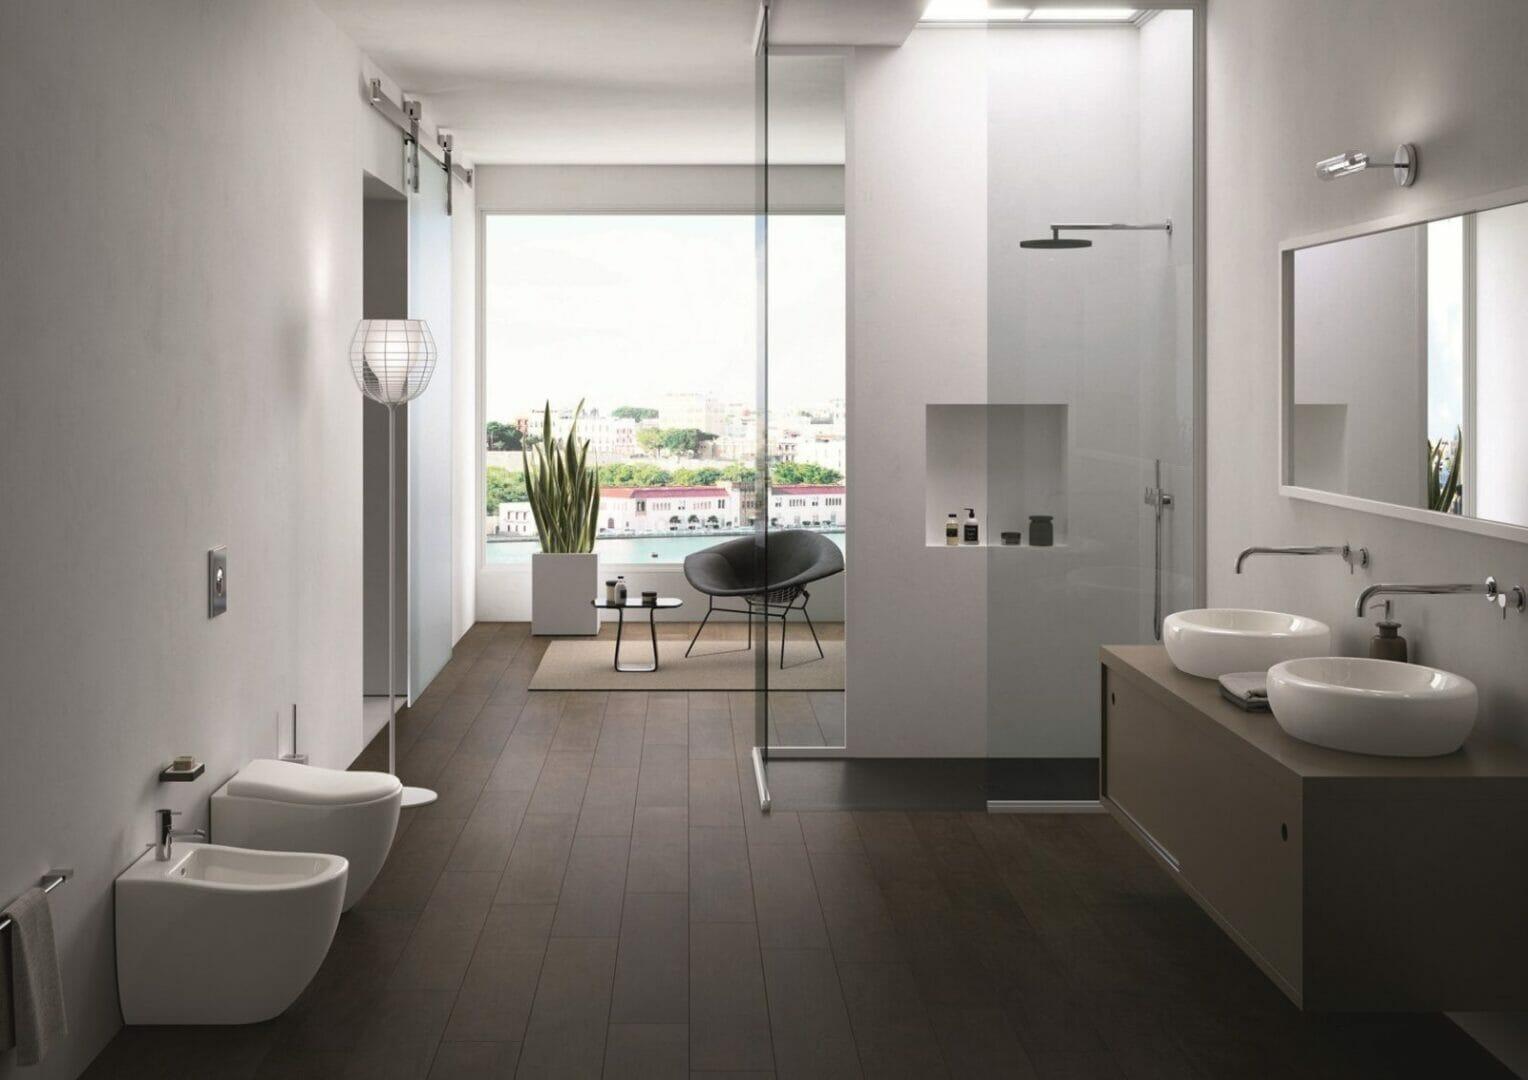 Costo Manodopera Rifacimento Bagno manutenzione straordinaria del bagno: rientra anche l